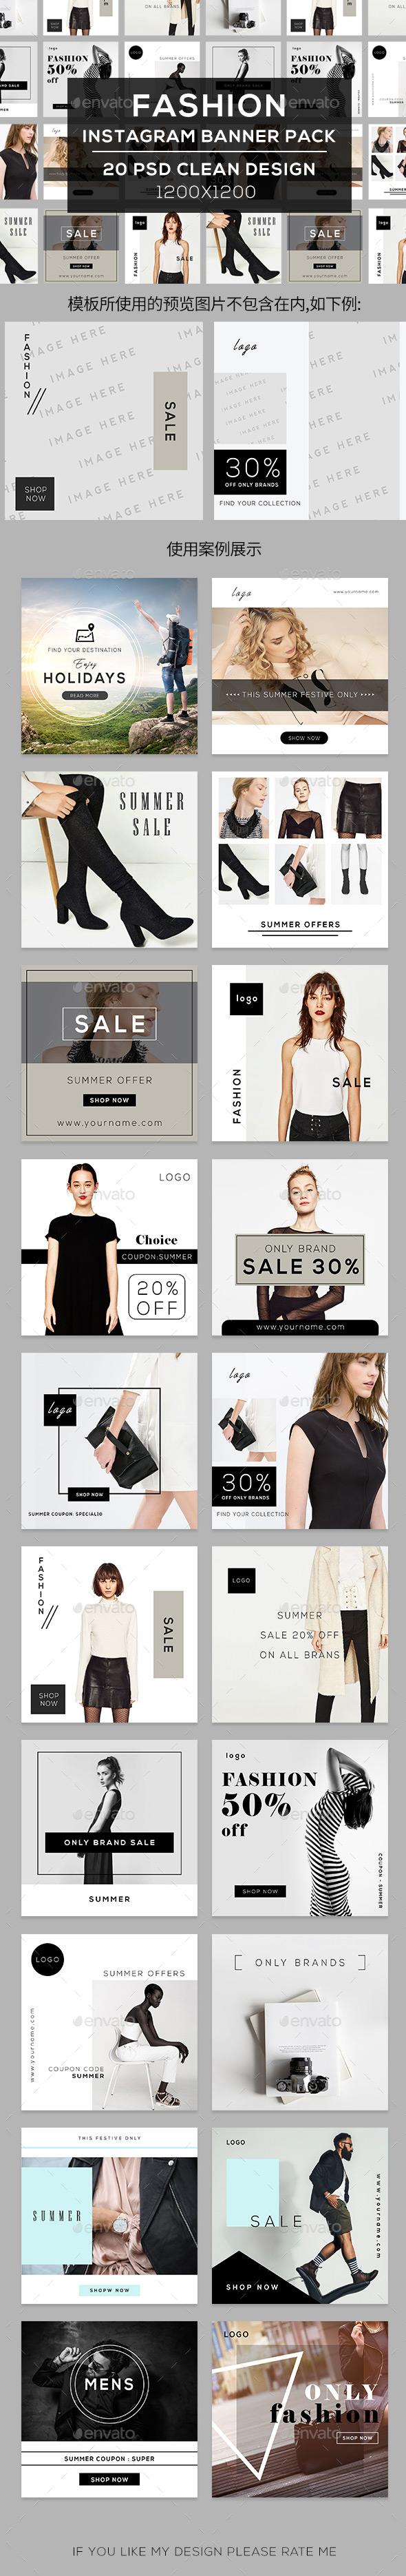 时尚电商类广告图